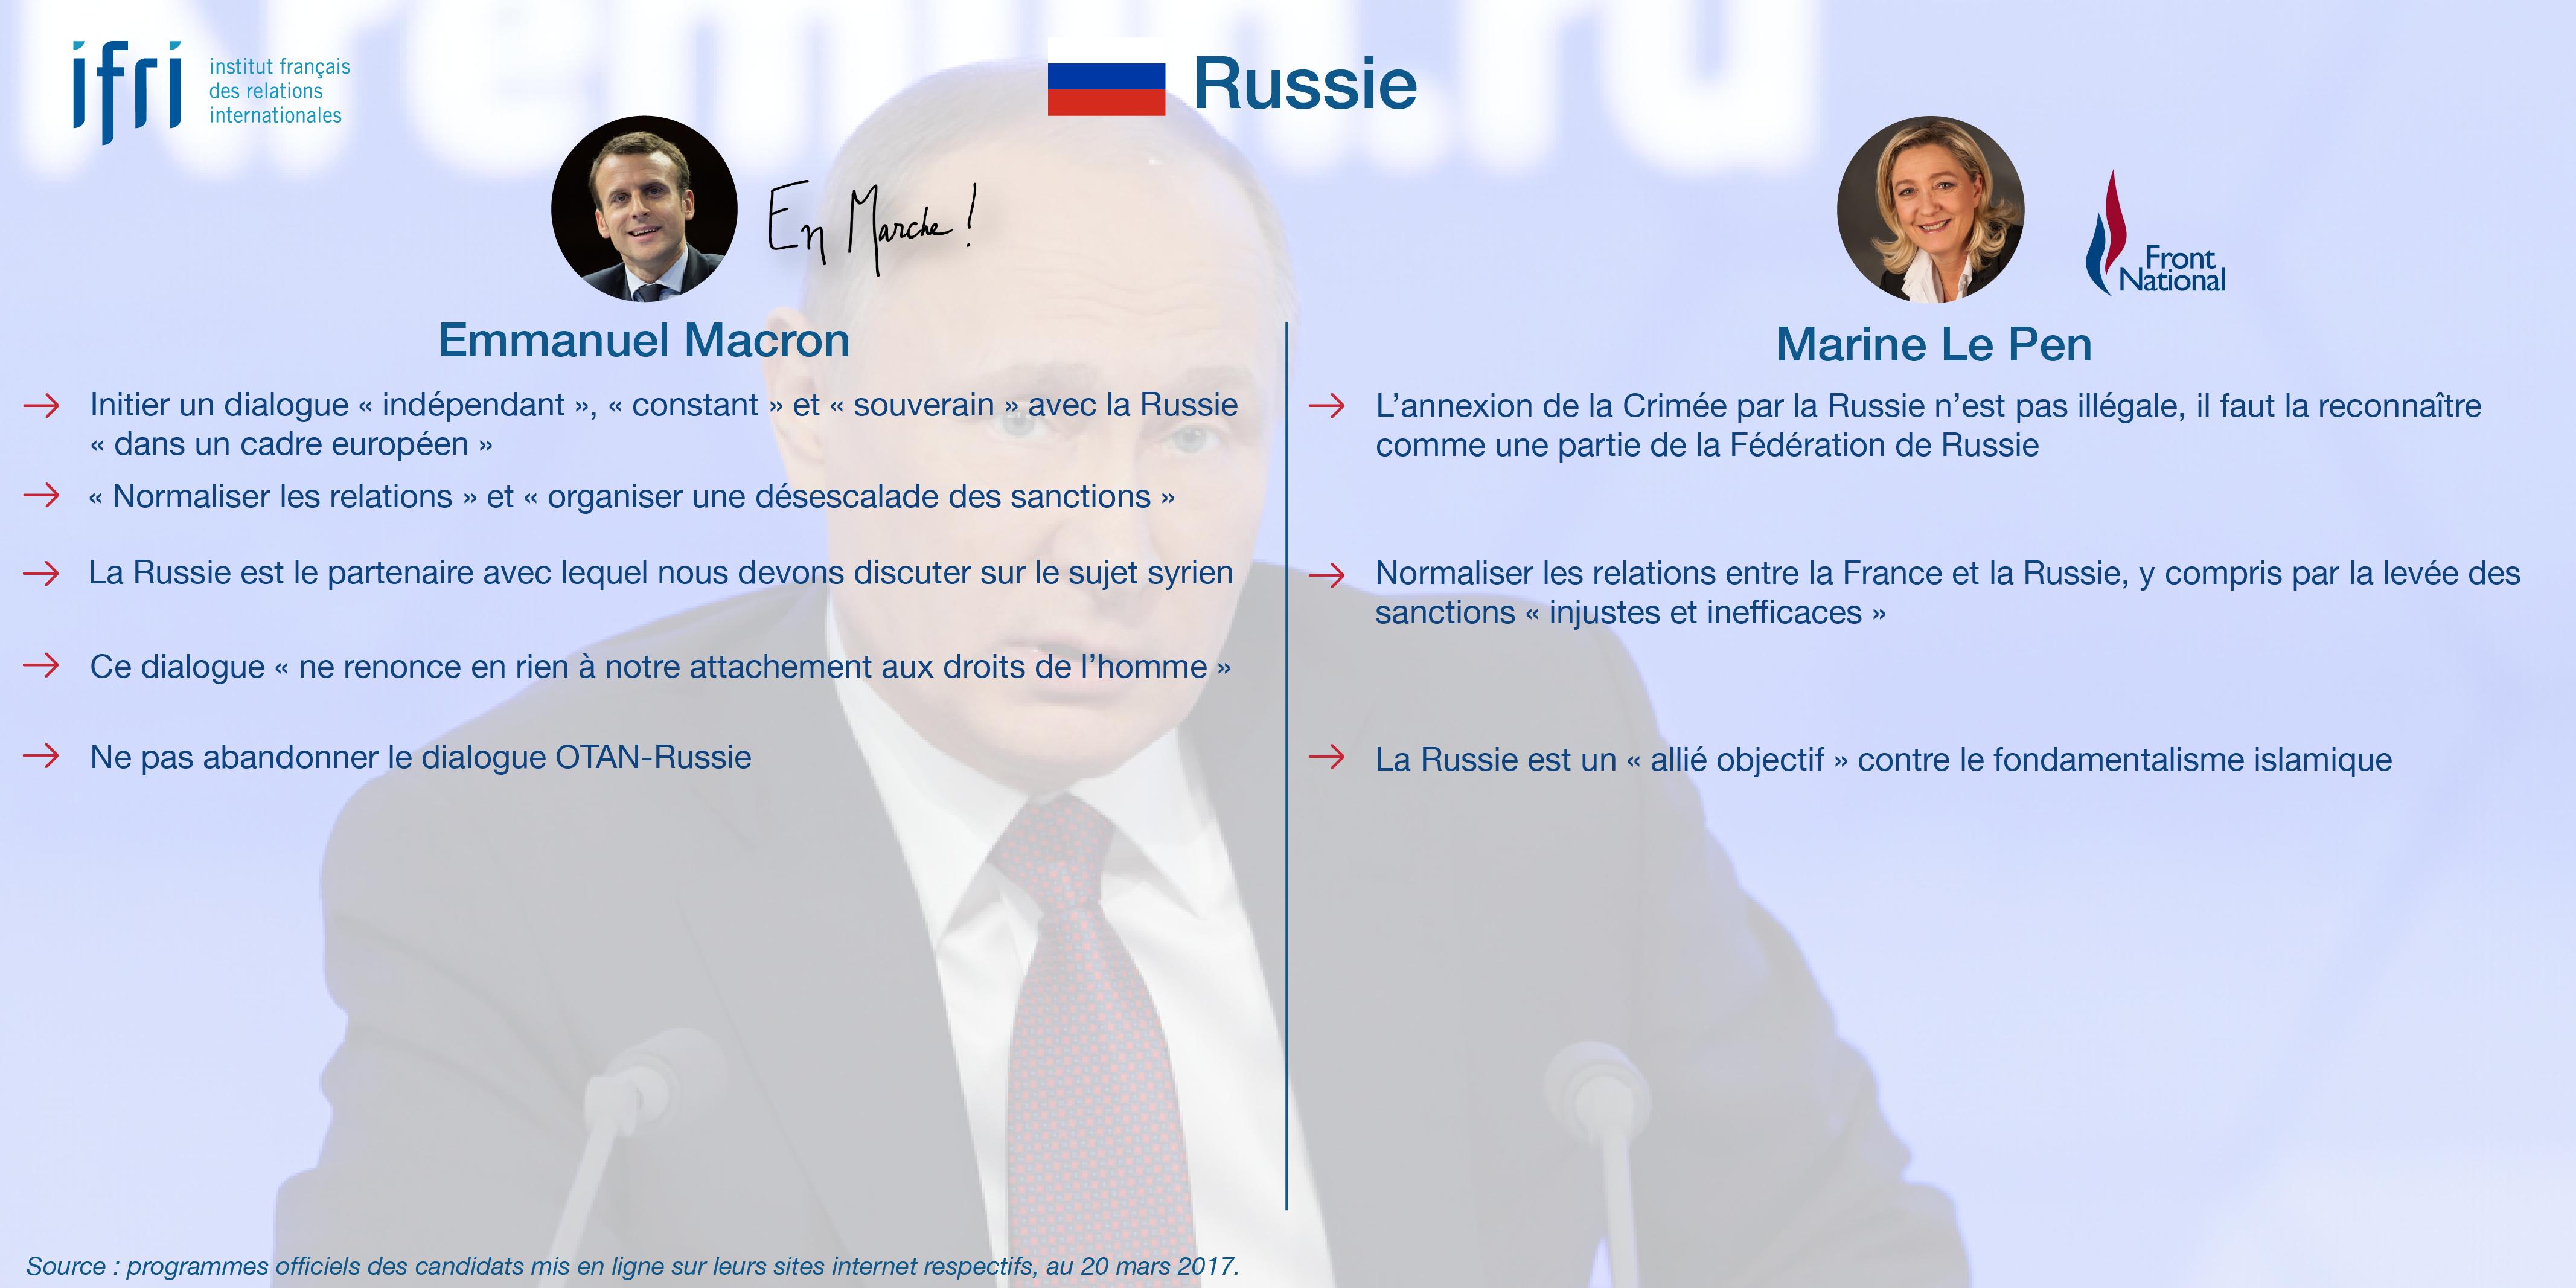 Russie - Macron - Le Pen - Présidentielle 2017